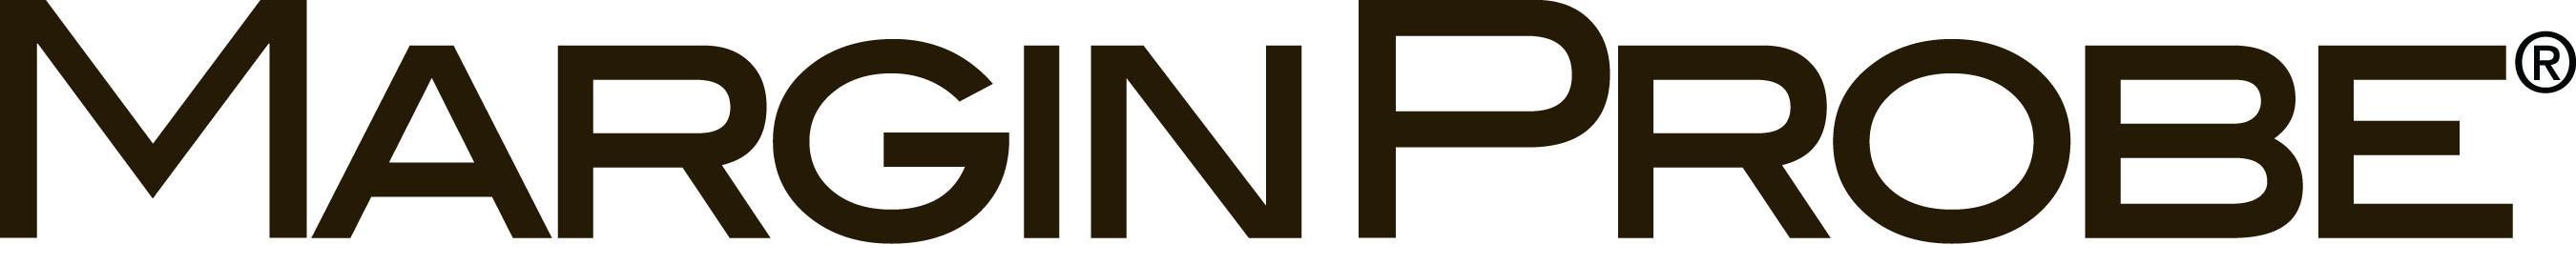 marginprobe_logo